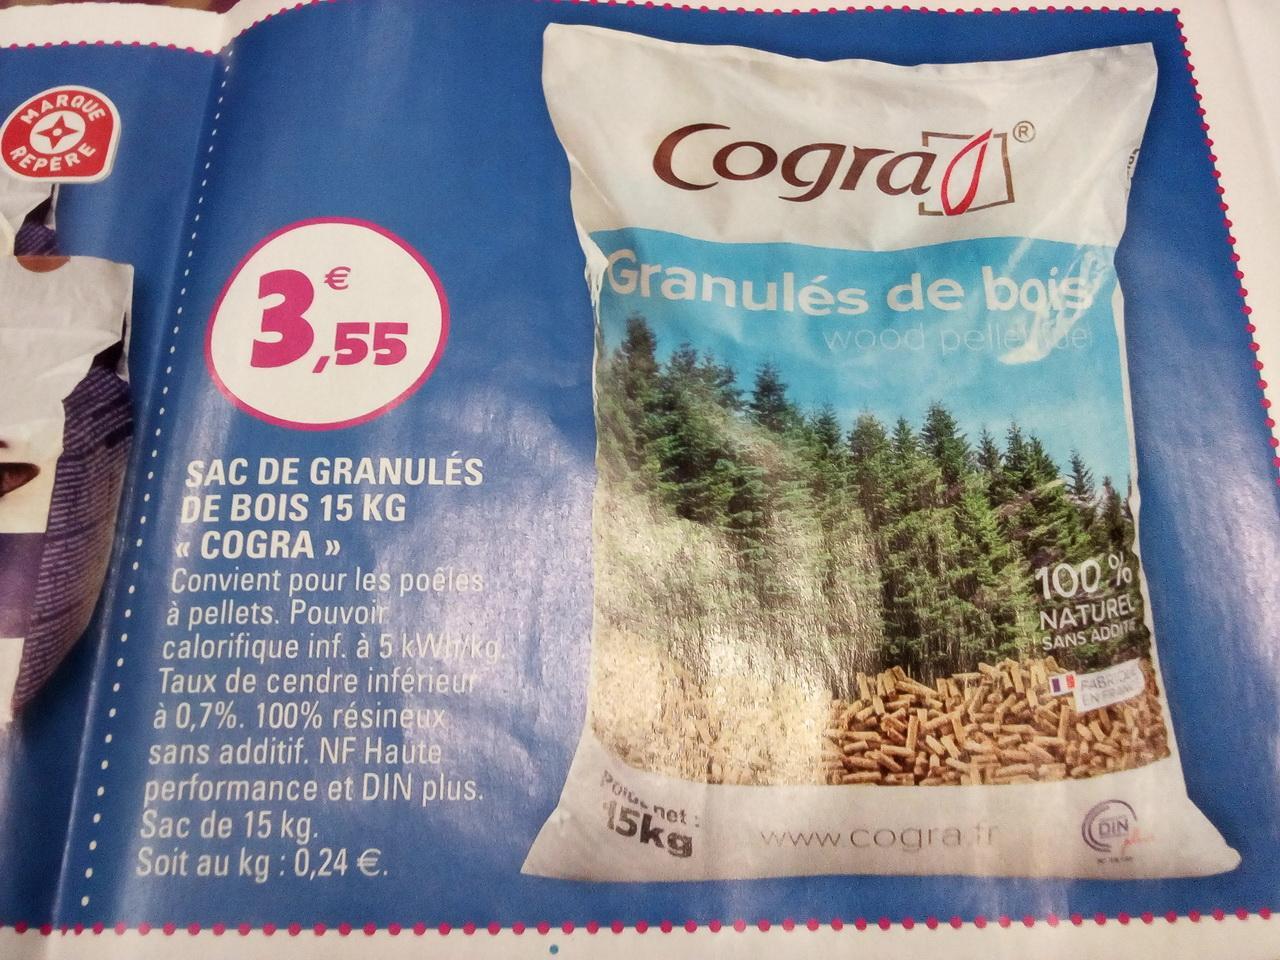 Sac de granulés de bois Cogra - 100% resineux, Din+, 15Kg